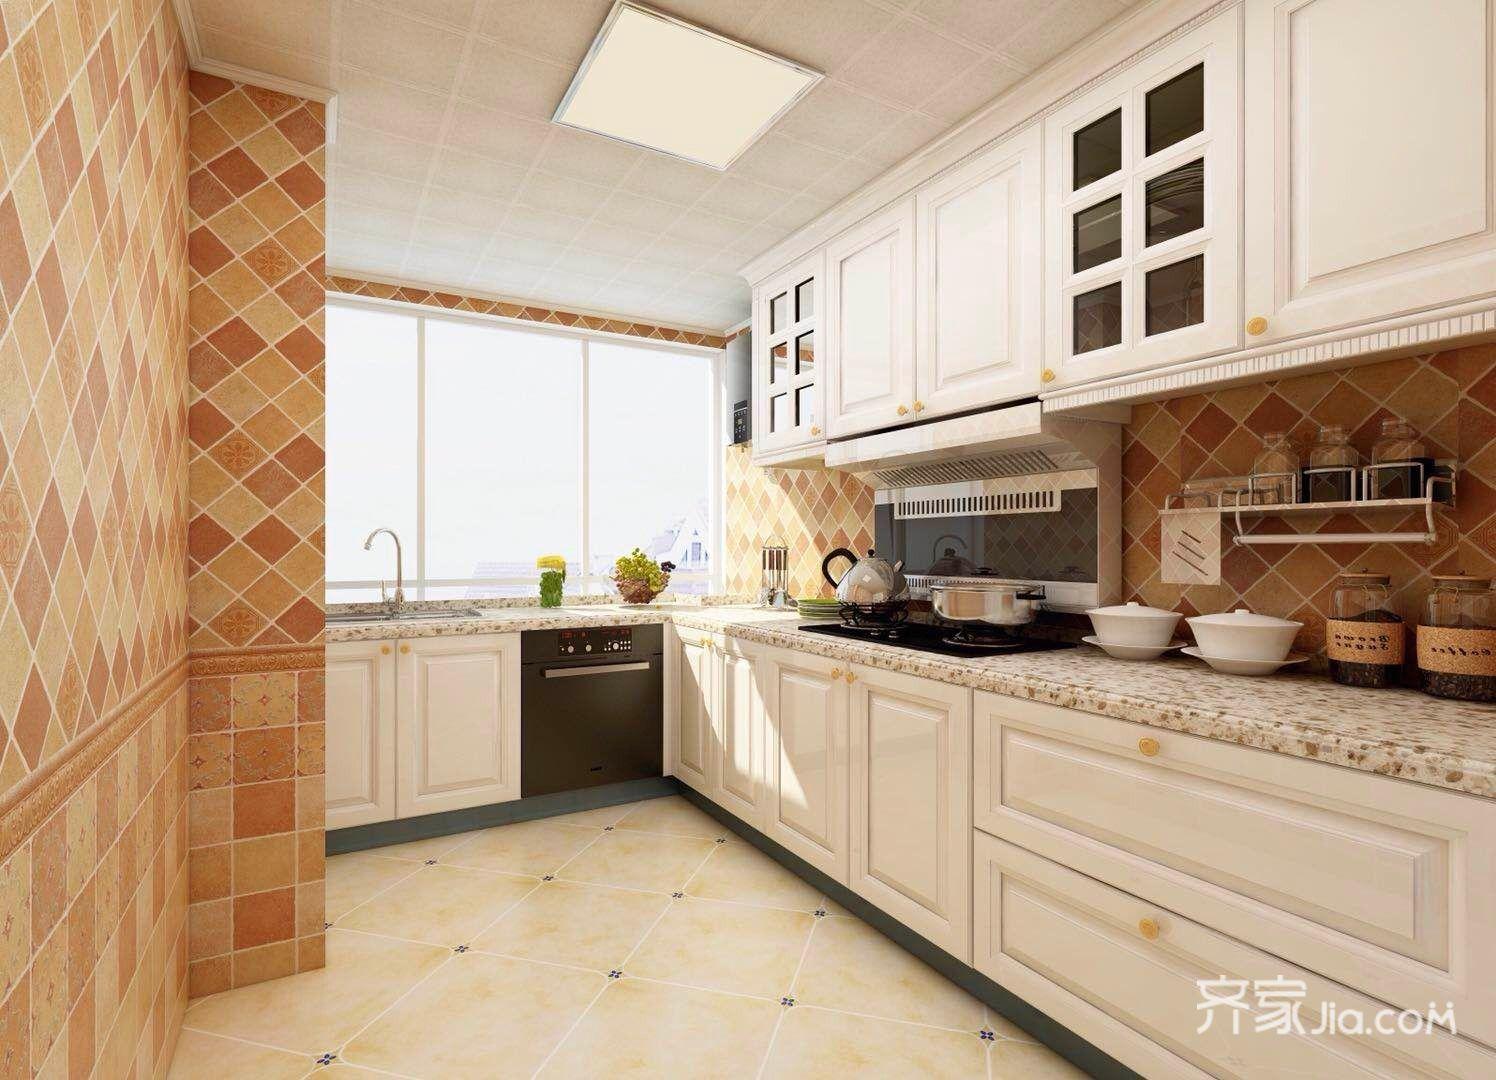 106平米混搭风格厨房装修效果图